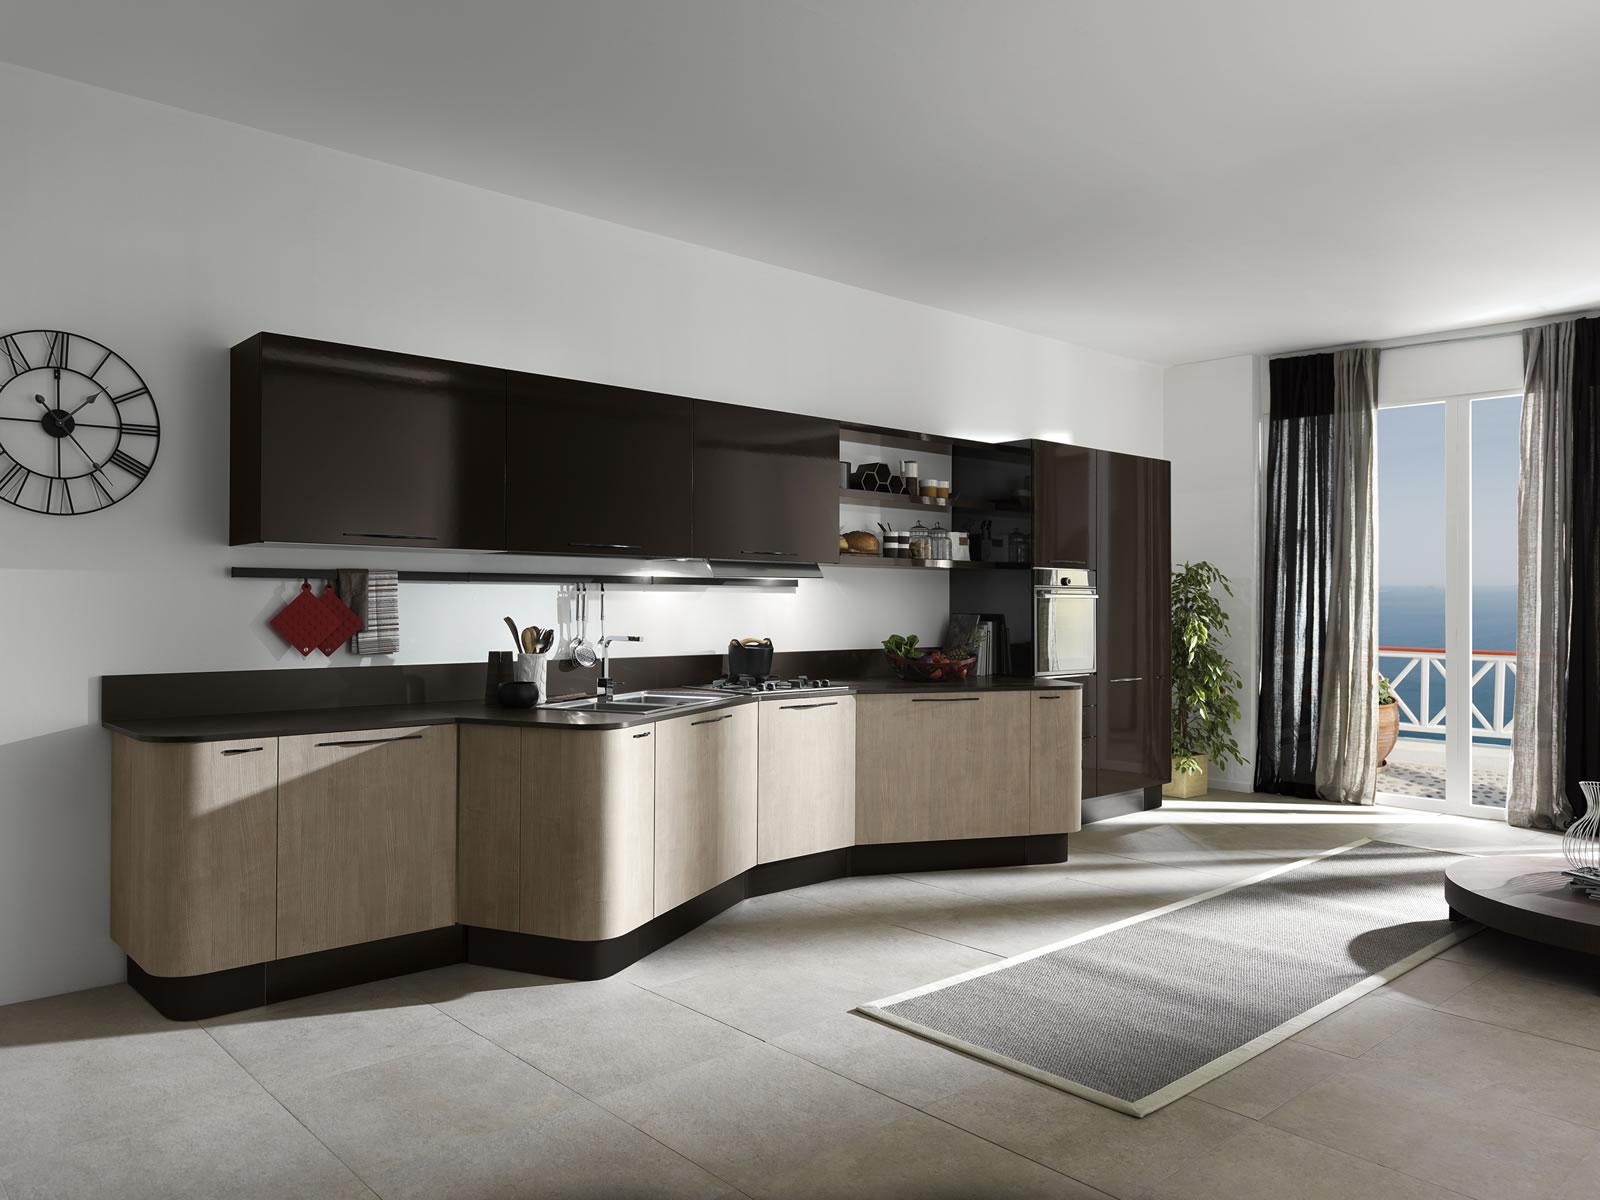 Необычный дизайн современной кухни